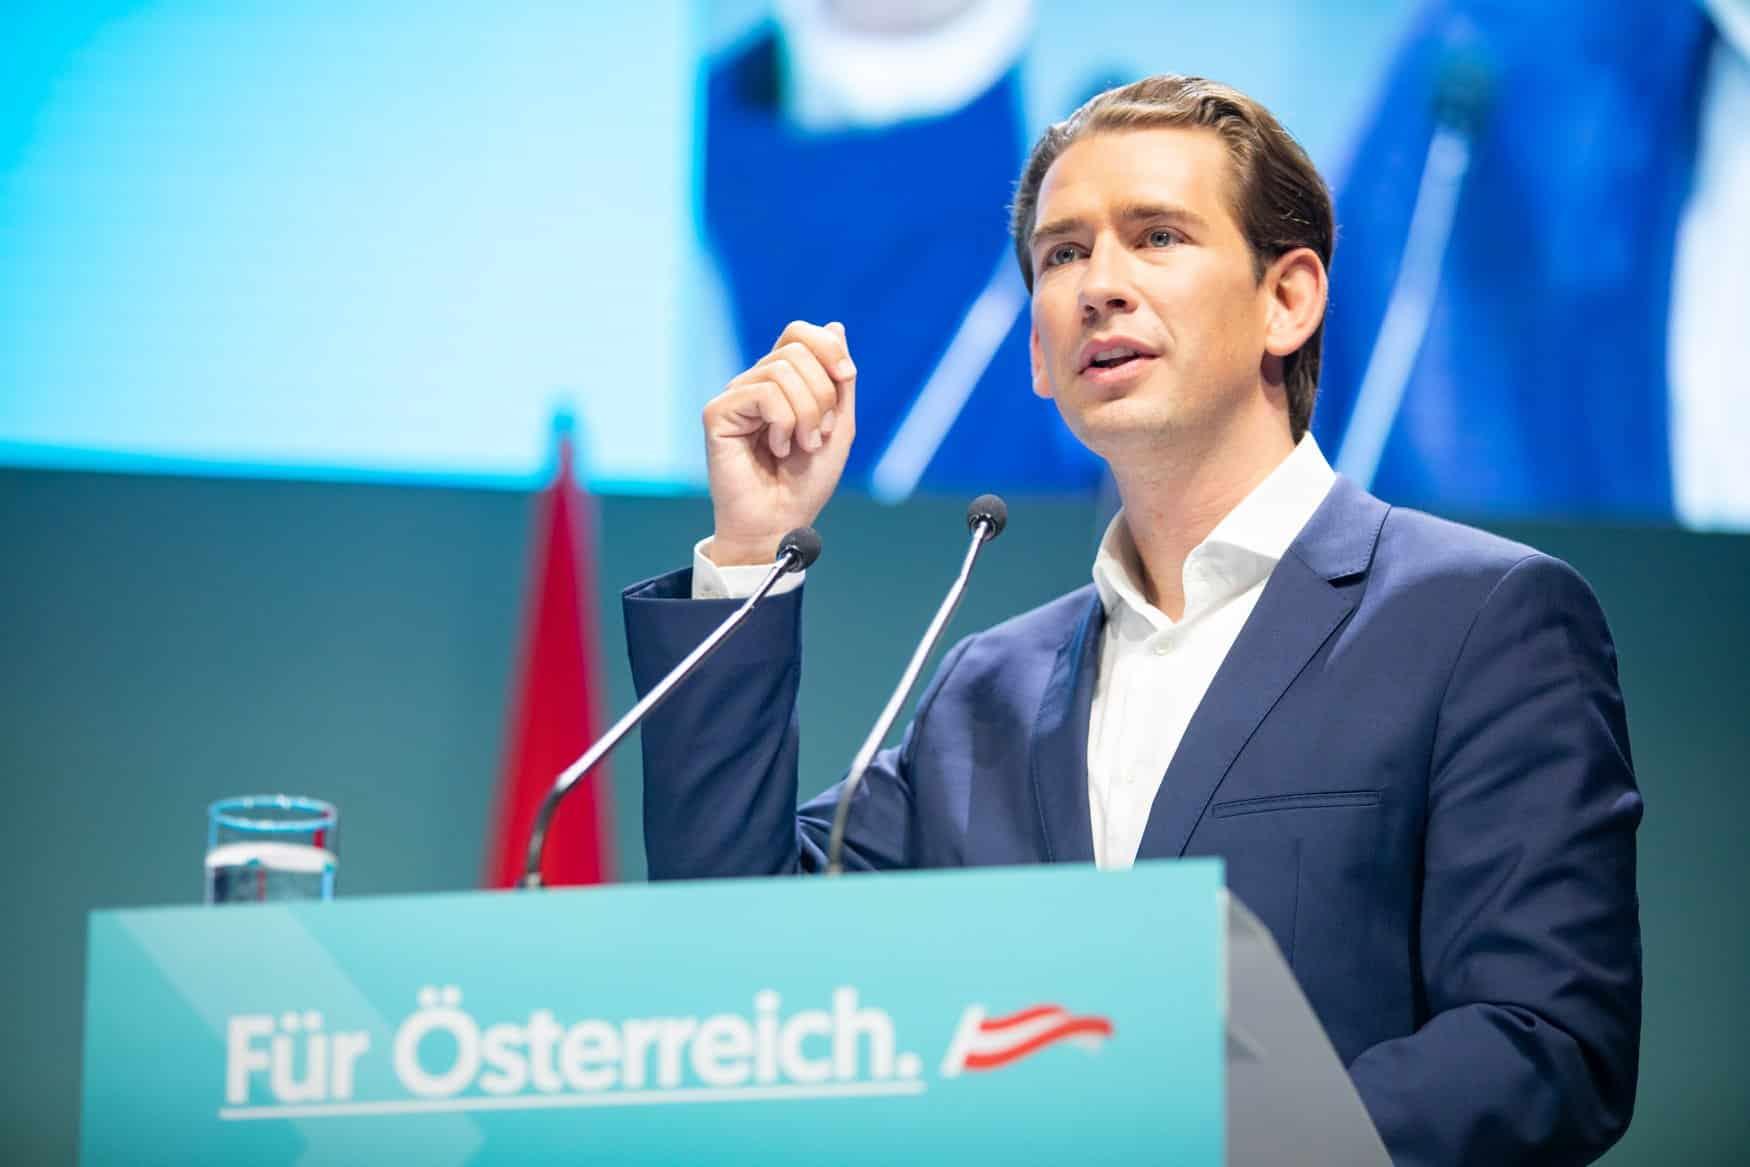 Polonia și Ungaria sunt apărate în fața Comisiei Europene de Sebastian Kurz, cancelarul Austriei – 60m.ro